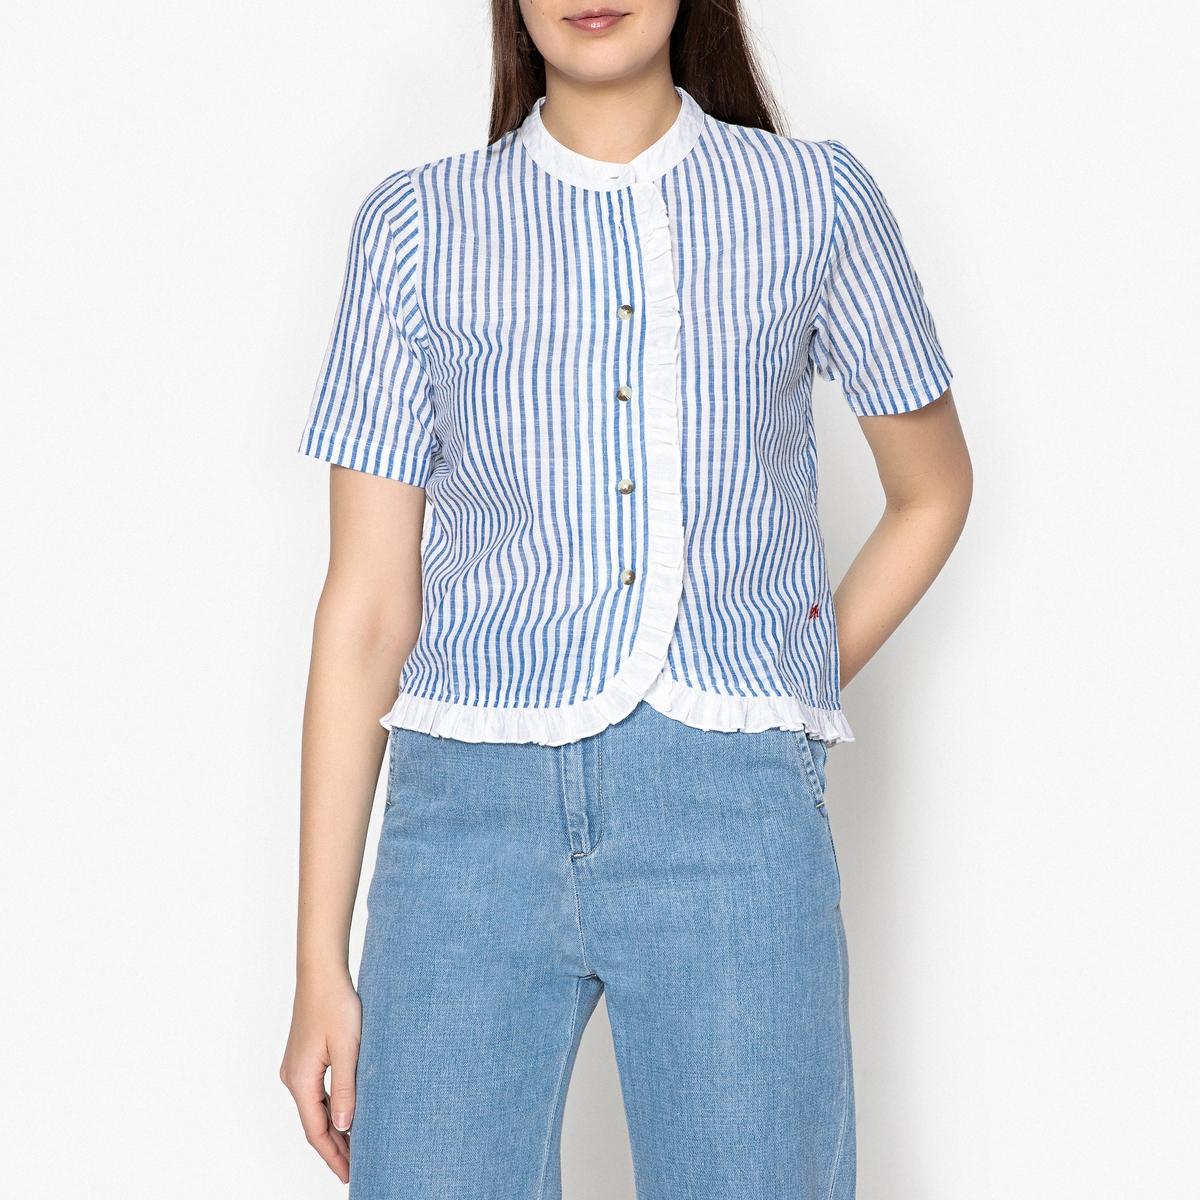 Блузка-рубашка в полоску CUBA женская рубашка european and american big c002617 2015